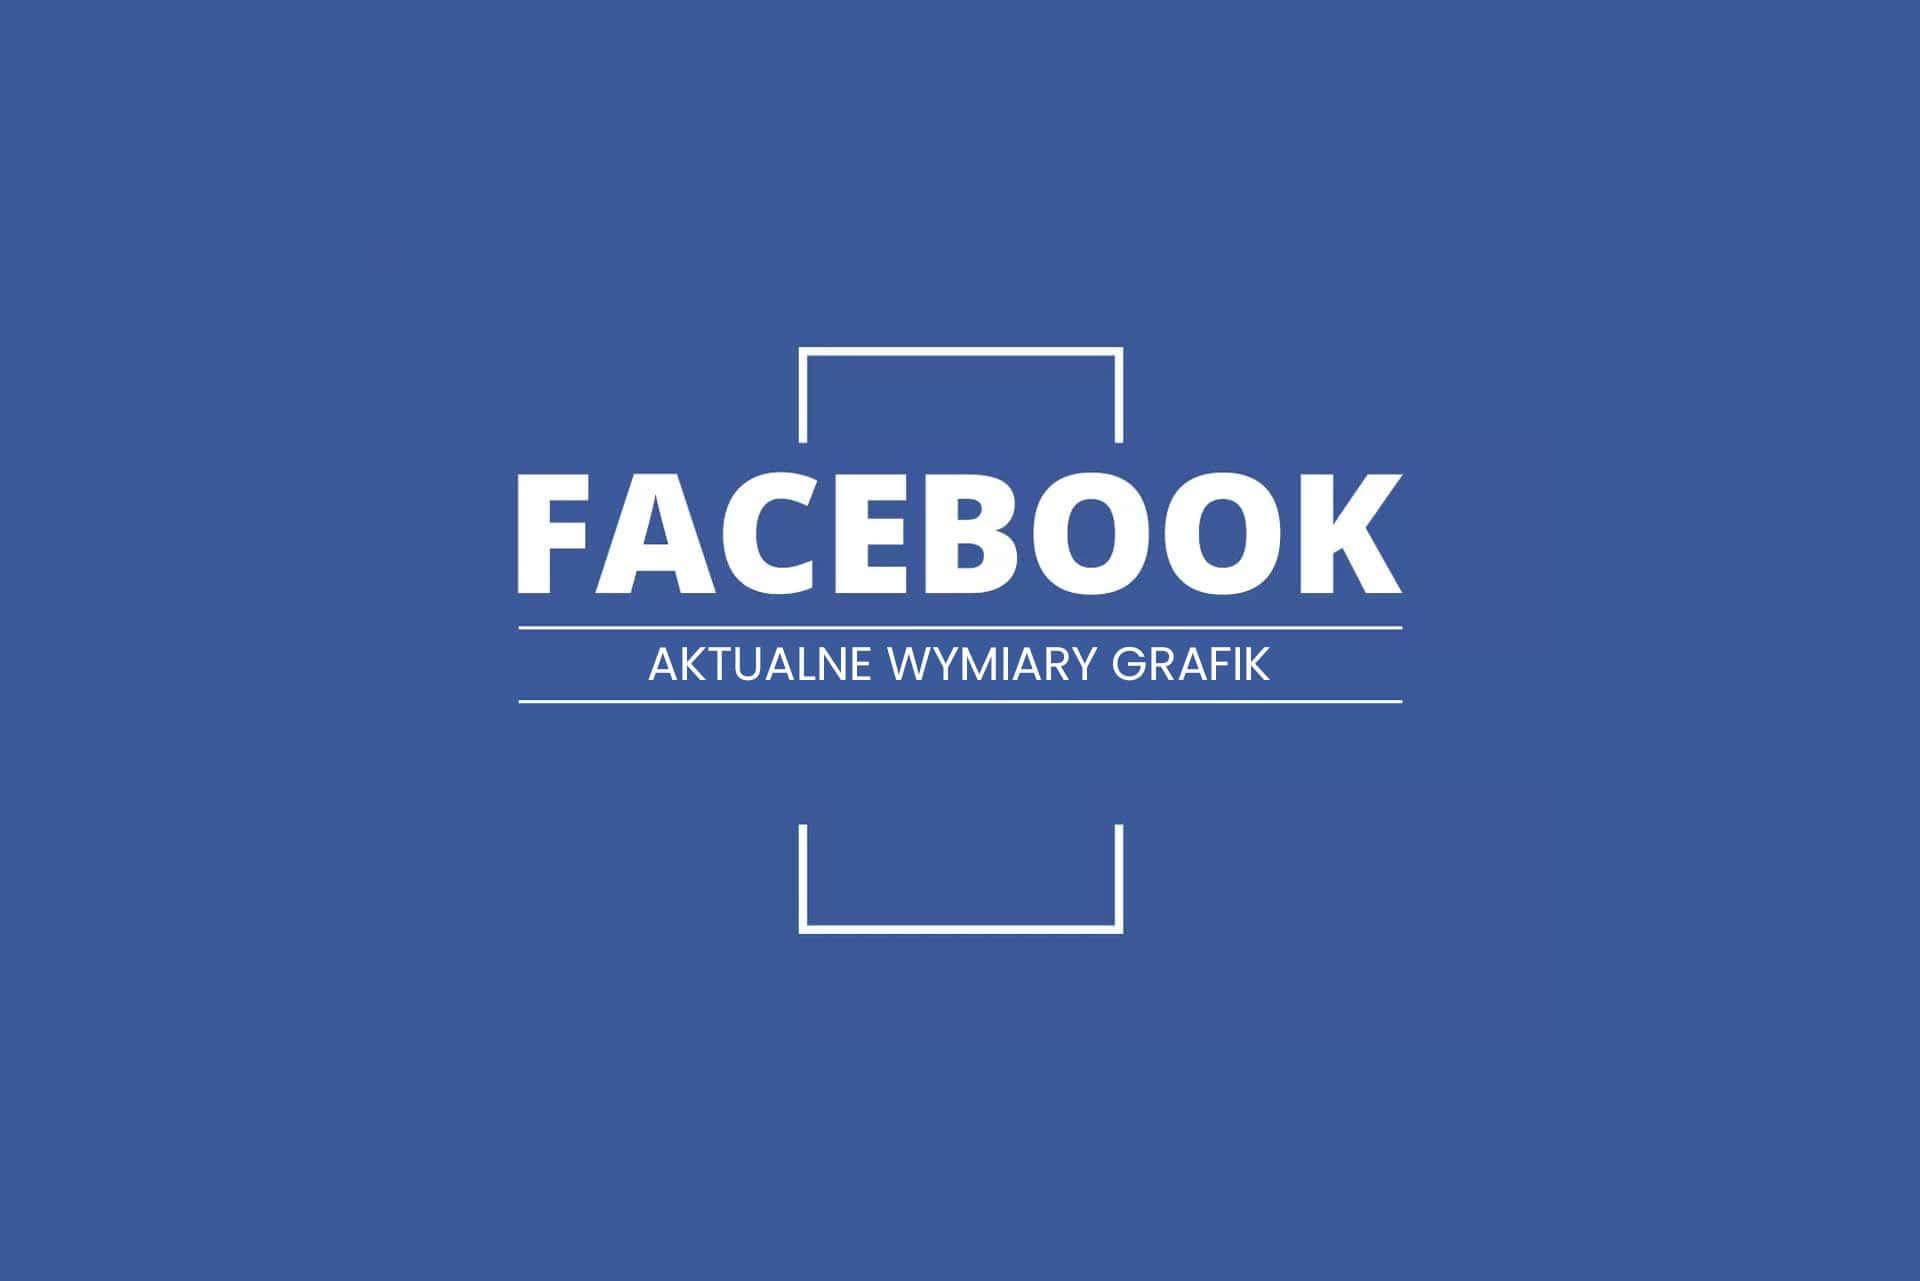 Aktualne wymiary grafik naFacebooku (FB)